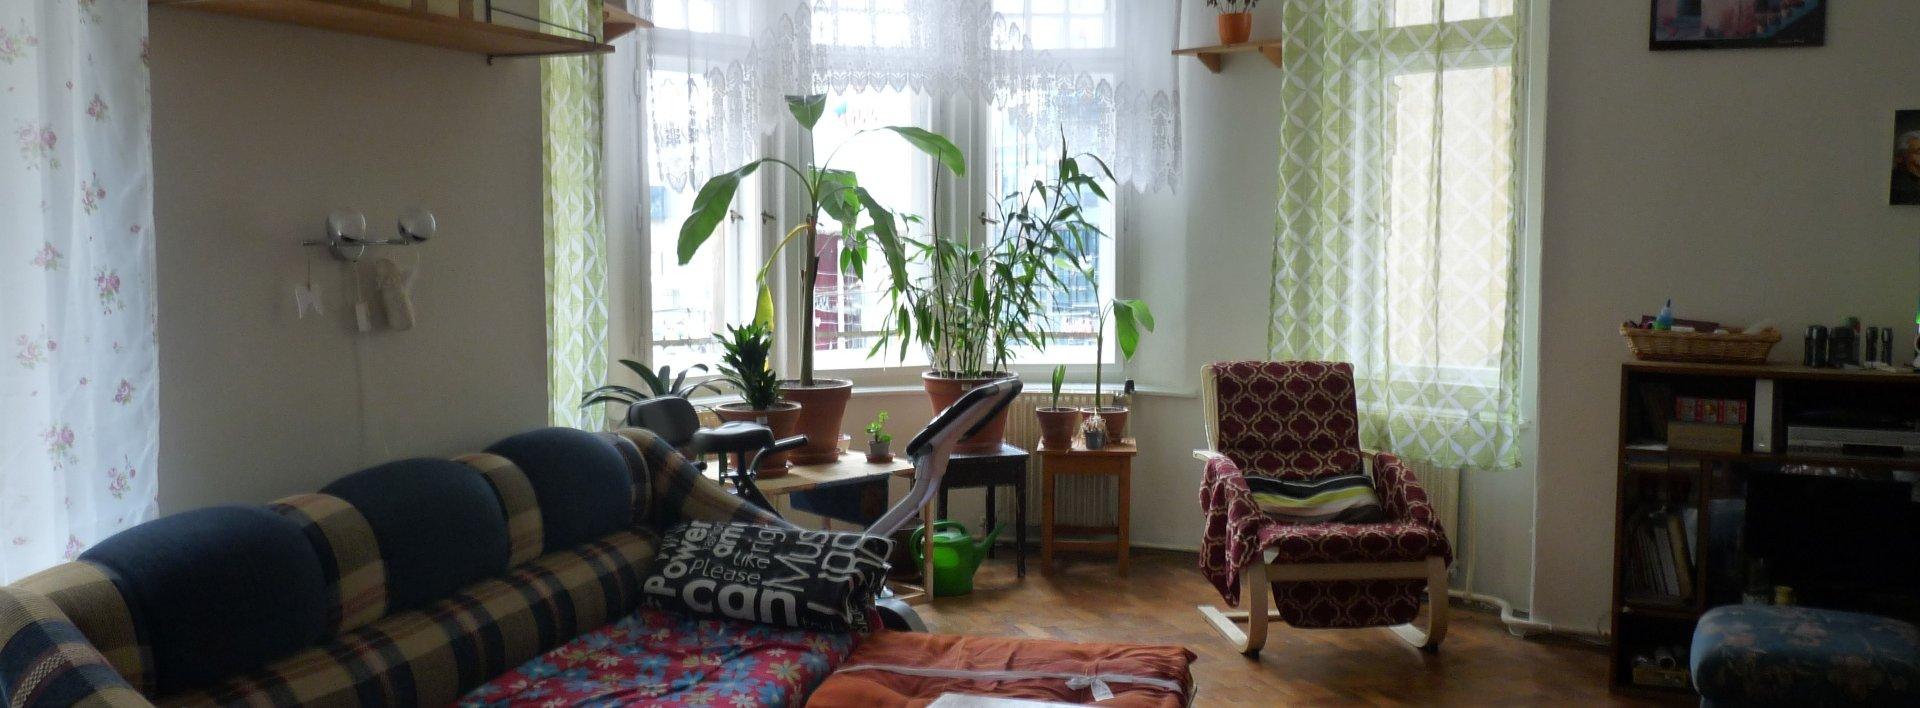 Exkluzivní nabídka prodeje bytu v centru Liberce, Ev.č.: N49357